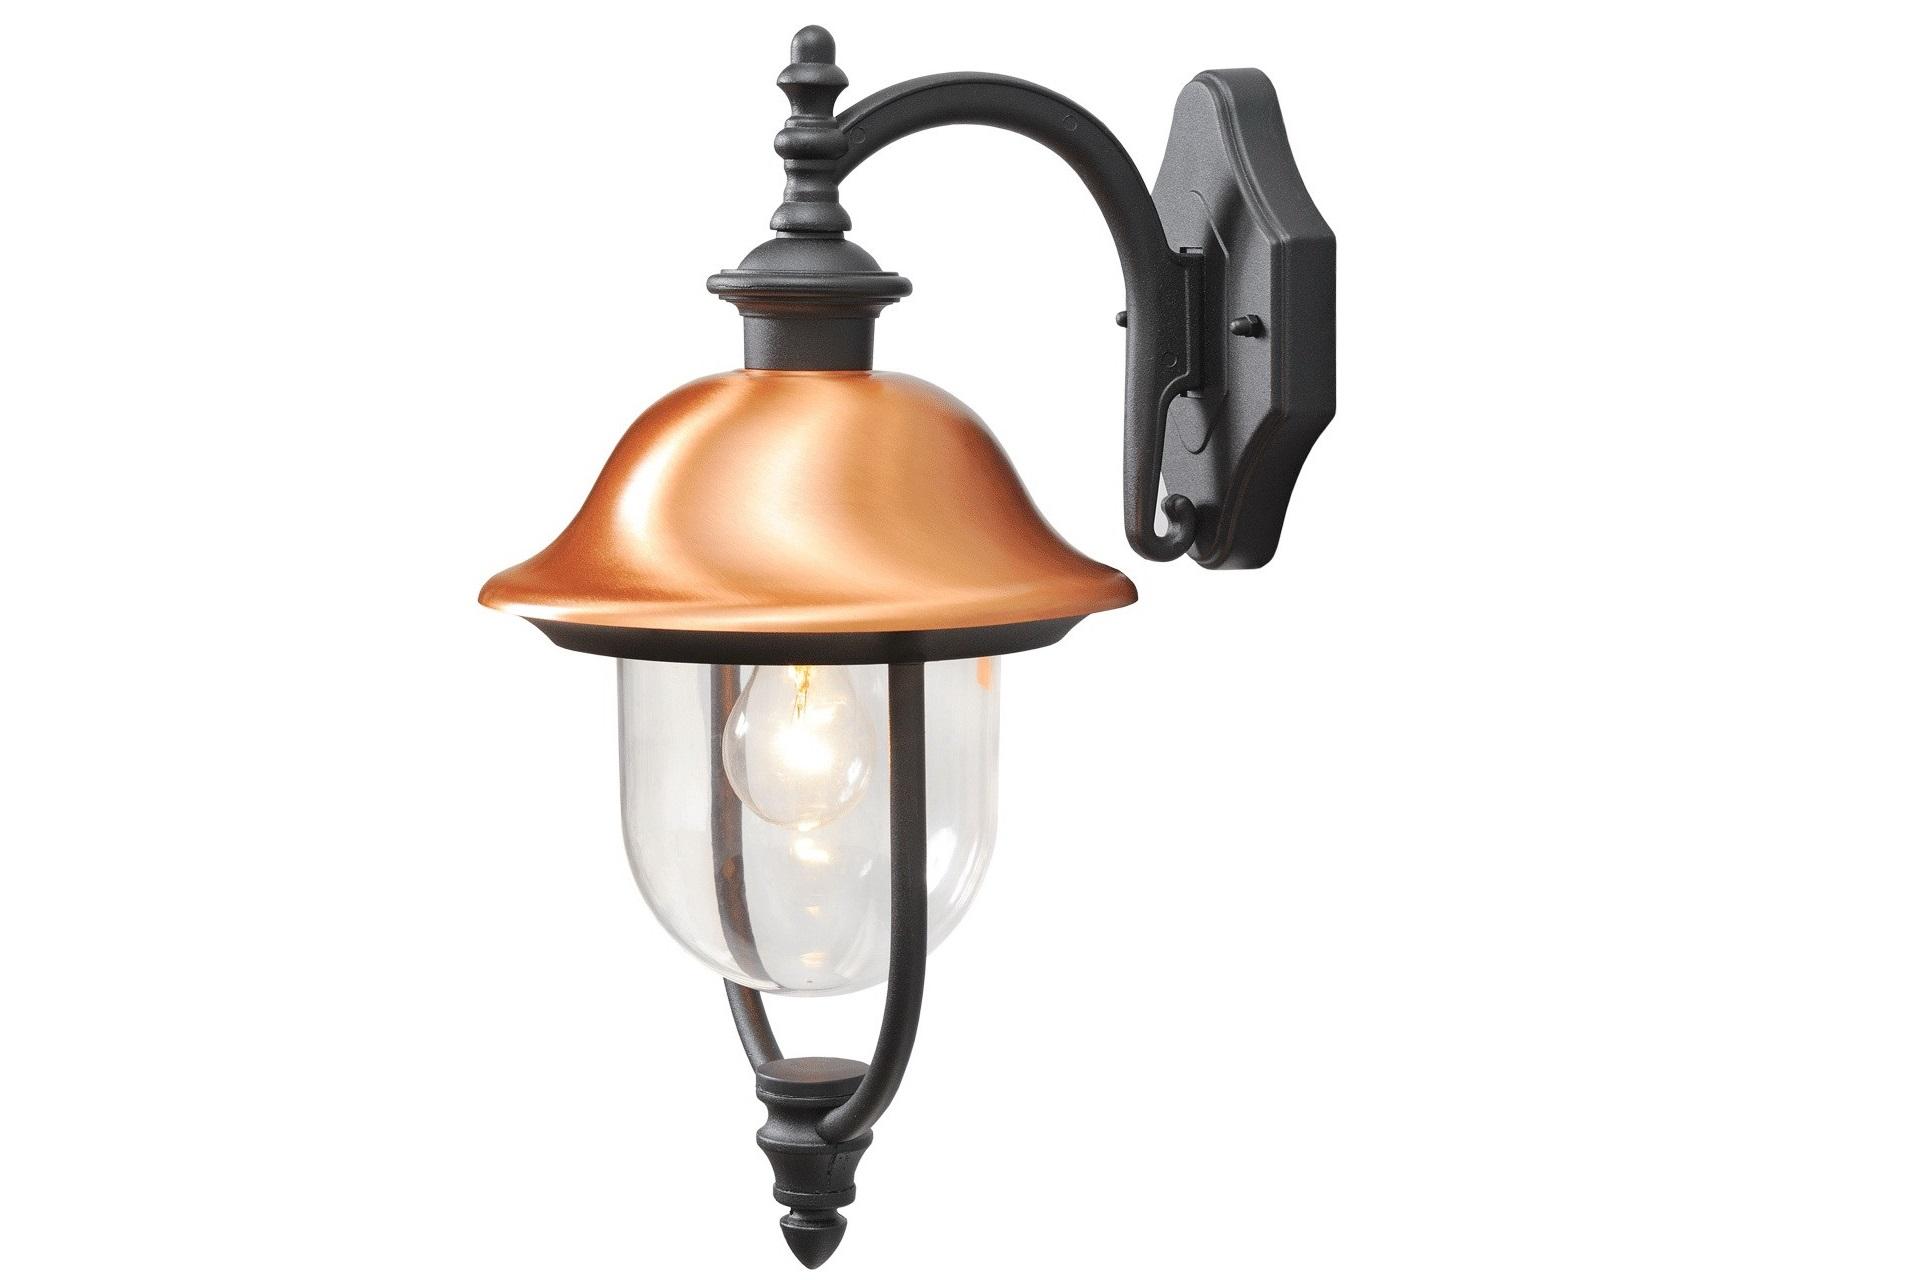 Уличный светильник ДубайУличные настенные светильники<br>&amp;lt;div&amp;gt;Основание из алюминия черного цвета, плафоны из &amp;amp;nbsp;акрила, декоративный элемент из меди.&amp;lt;/div&amp;gt;&amp;lt;div&amp;gt;&amp;lt;br&amp;gt;&amp;lt;/div&amp;gt;&amp;lt;div&amp;gt;Мощность 1*95W &amp;amp;nbsp;&amp;lt;/div&amp;gt;&amp;lt;div&amp;gt;Цоколь E27&amp;lt;/div&amp;gt;&amp;lt;div&amp;gt;&amp;lt;span style=&amp;quot;line-height: 1.78571;&amp;quot;&amp;gt;Степень защиты<br>светильников от пыли и влаги&amp;amp;nbsp;&amp;lt;/span&amp;gt;&amp;lt;span style=&amp;quot;line-height: 1.78571;&amp;quot;&amp;gt;IP44&amp;lt;/span&amp;gt;&amp;lt;/div&amp;gt;<br><br>Material: Алюминий<br>Length см: None<br>Width см: 25<br>Depth см: 33<br>Height см: 48